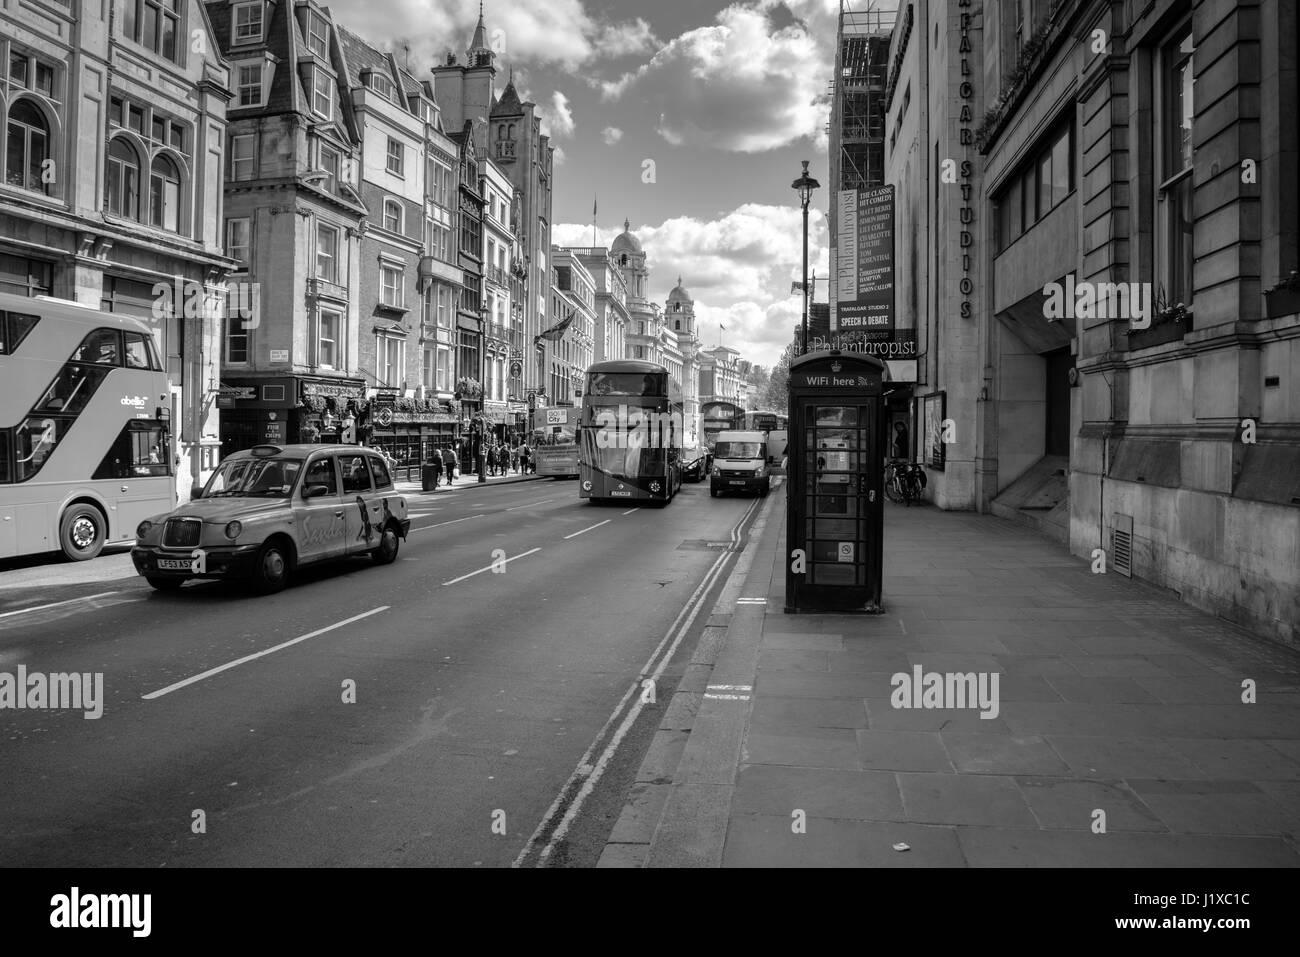 Whitehall, London street, United Kingdom - Stock Image